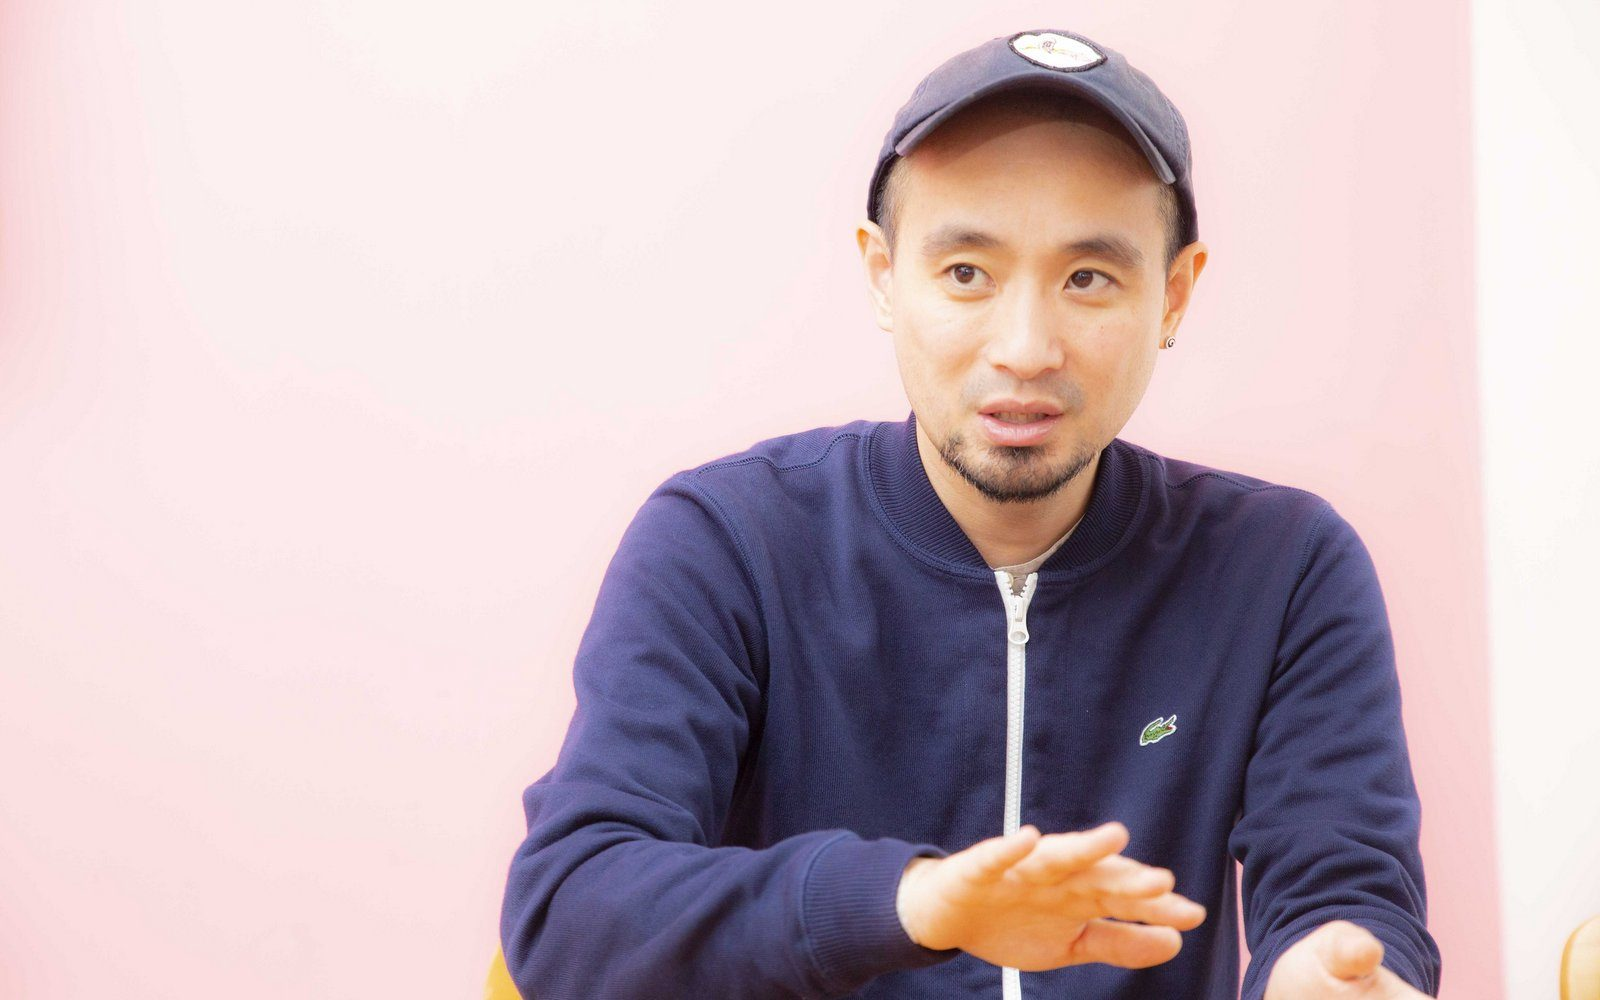 ICOの時代は来るか? #03 沼田健彦氏 GREEN FUNDING ――ICOはクラウドファンディングの限界を突破し、多様なカルチャーを支える